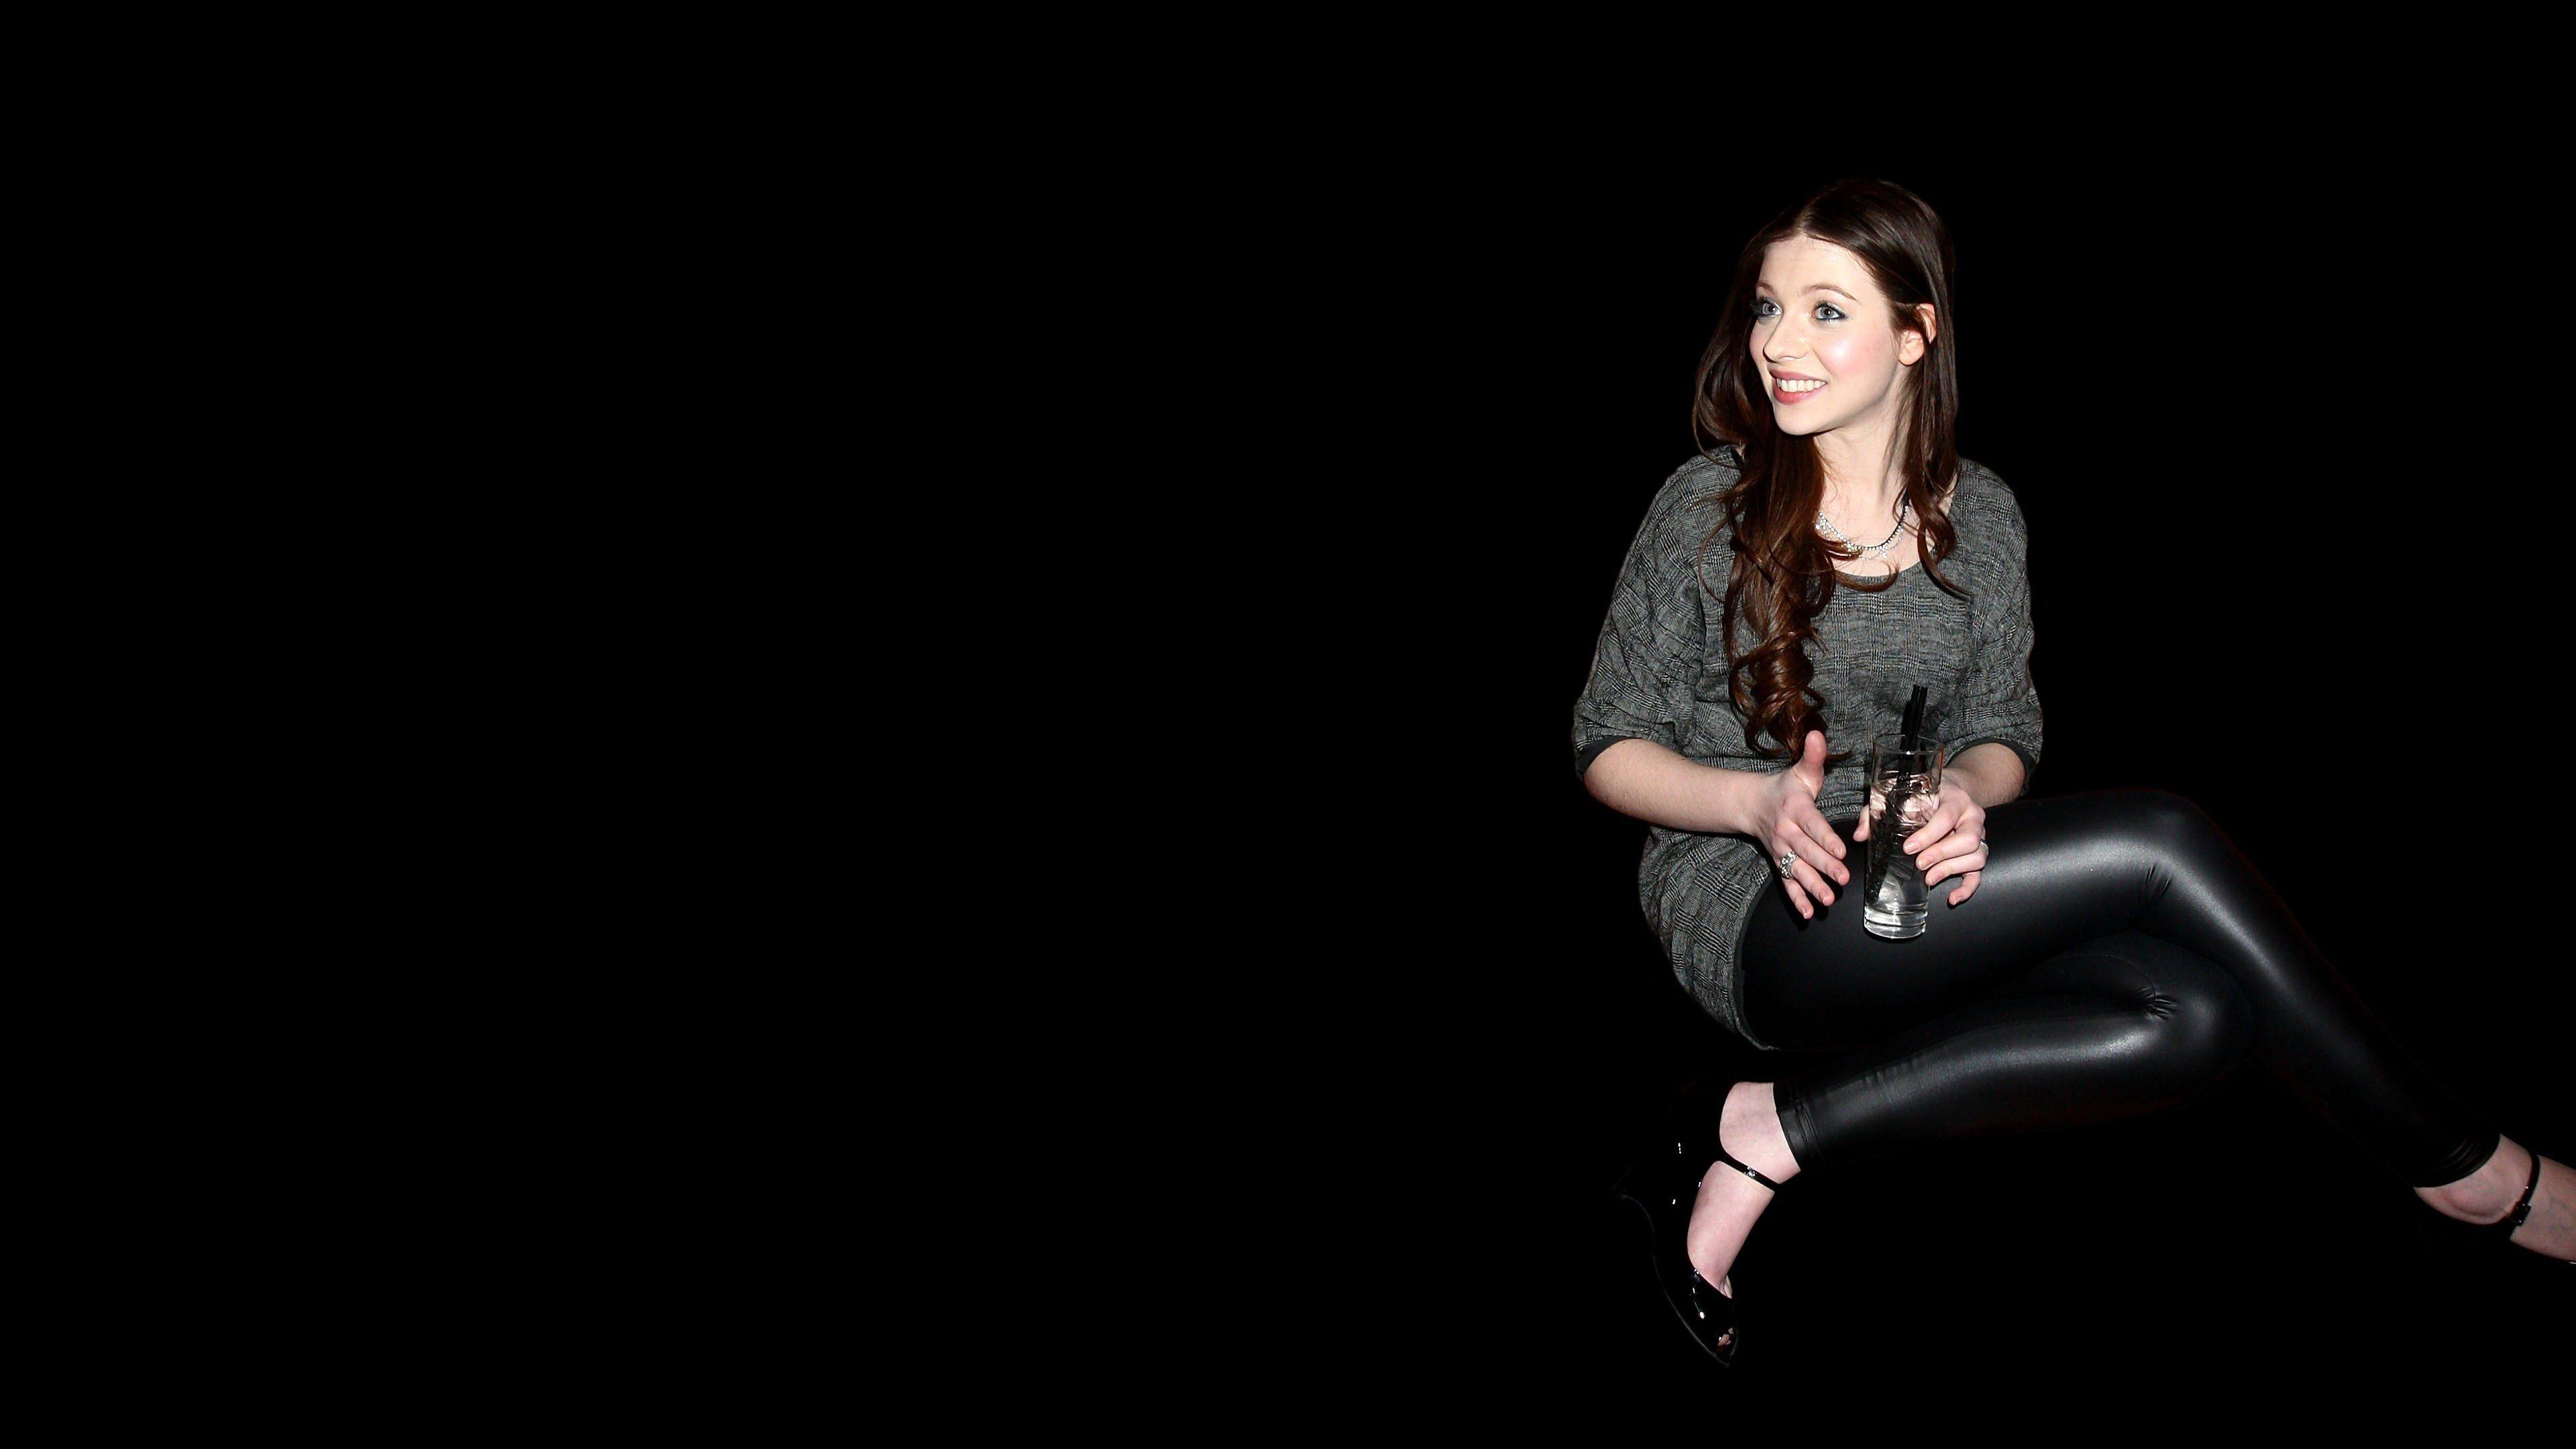 Картинка девушки на темном фоне